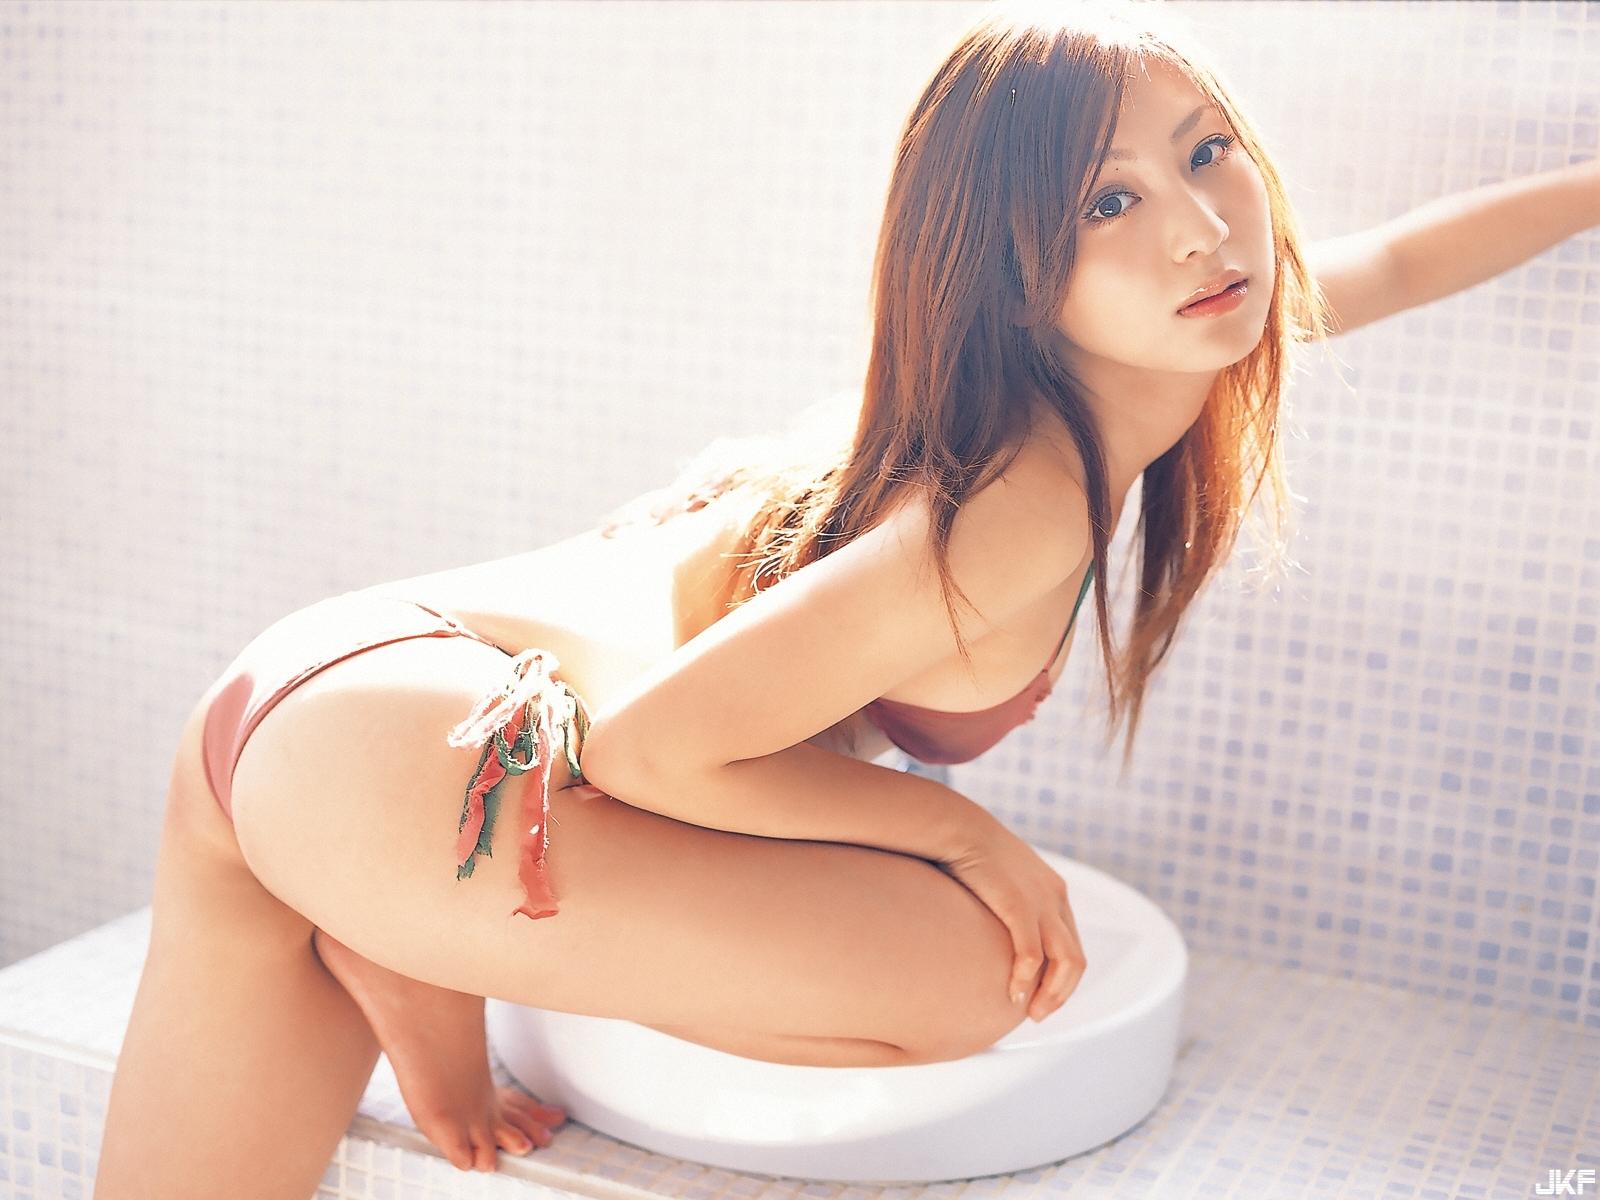 tatsumi-natsuko-547942.jpg